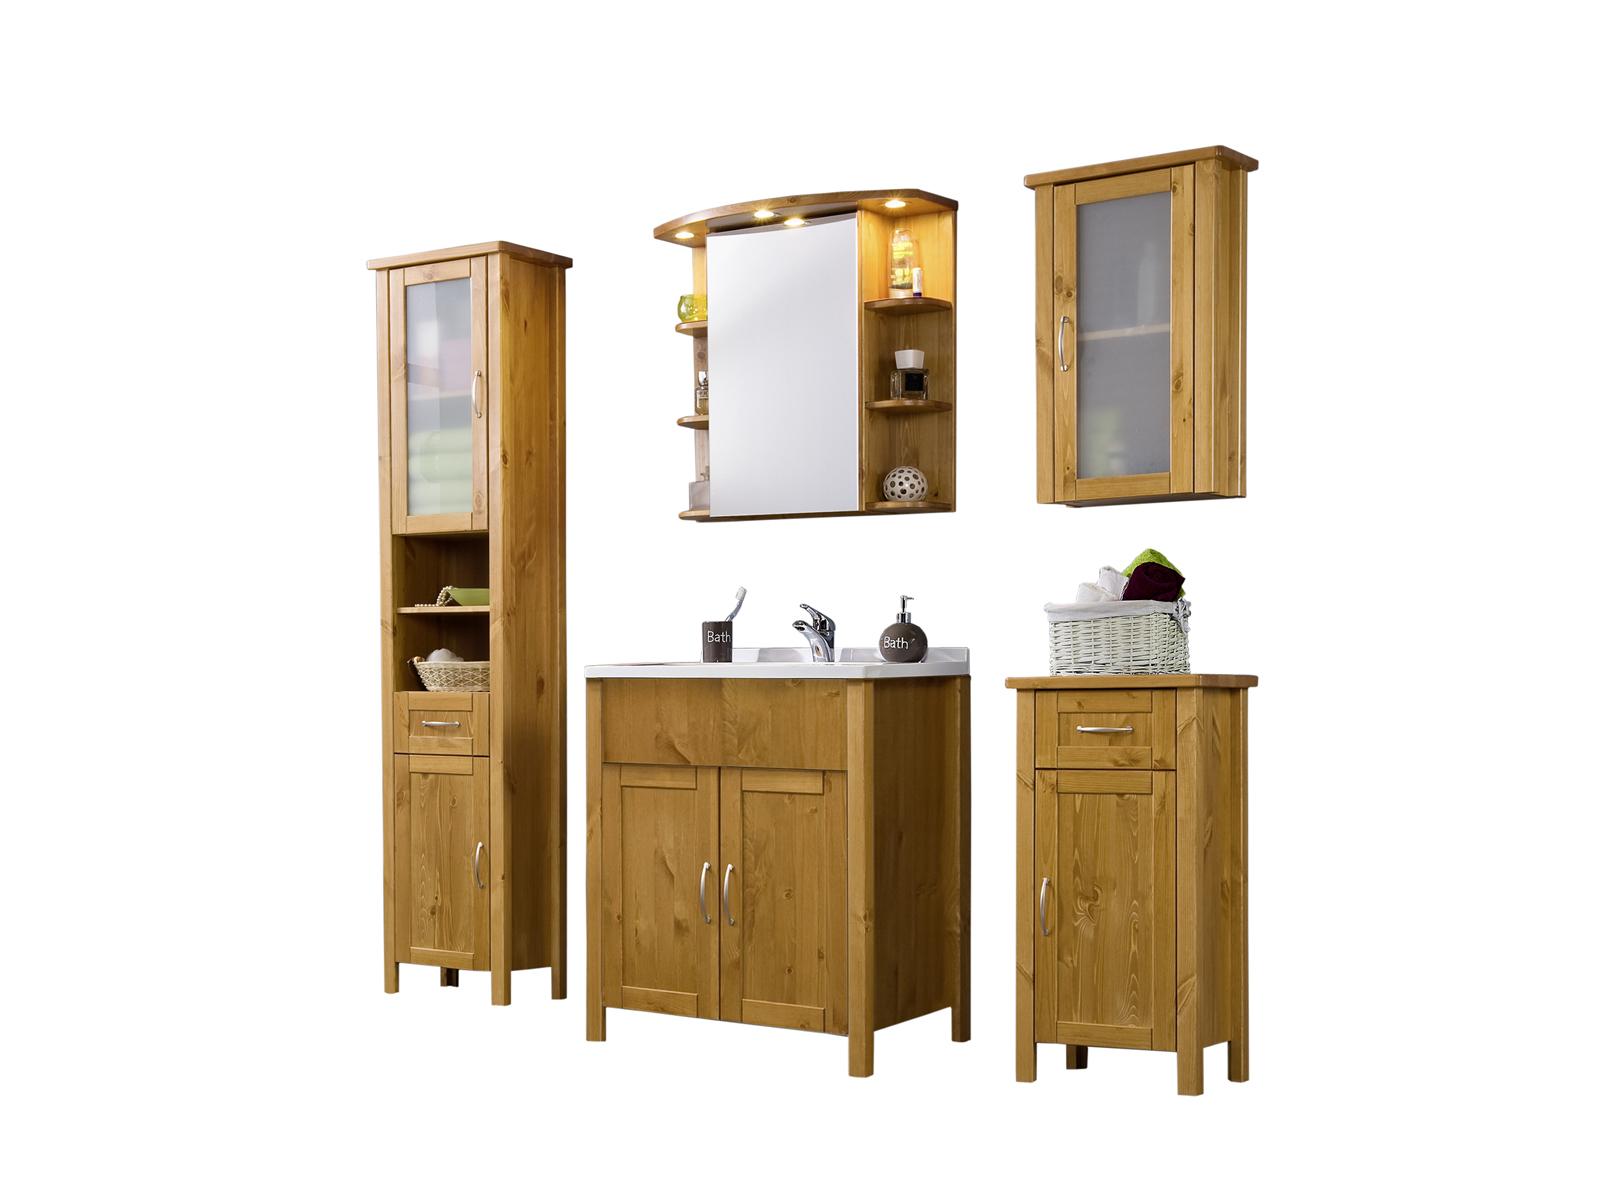 sam bad set honig massiv kiefer gewachst 5tlg venedig hoch. Black Bedroom Furniture Sets. Home Design Ideas